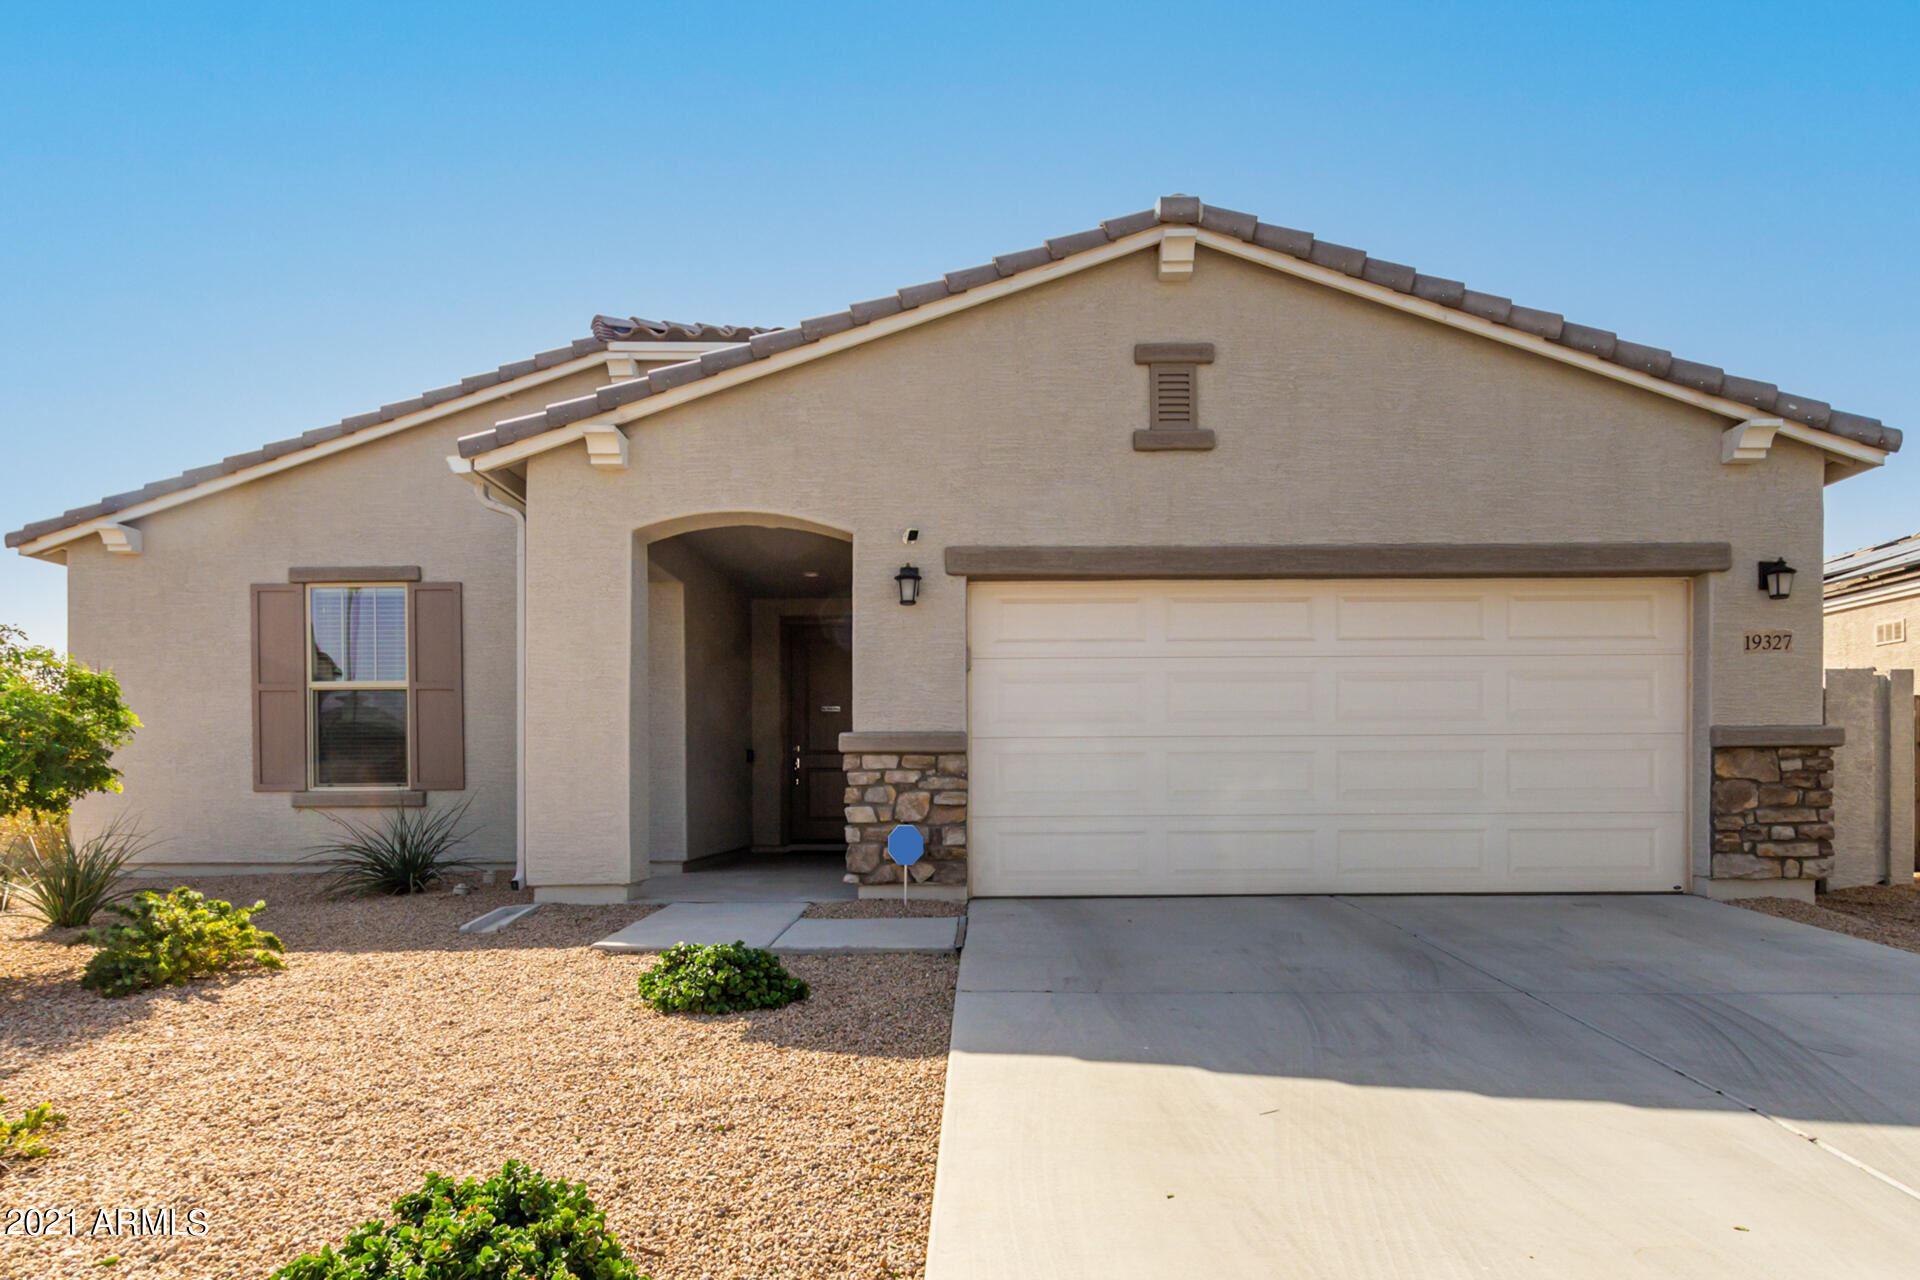 Photo of 19327 W HARRISON Street, Buckeye, AZ 85326 (MLS # 6307418)